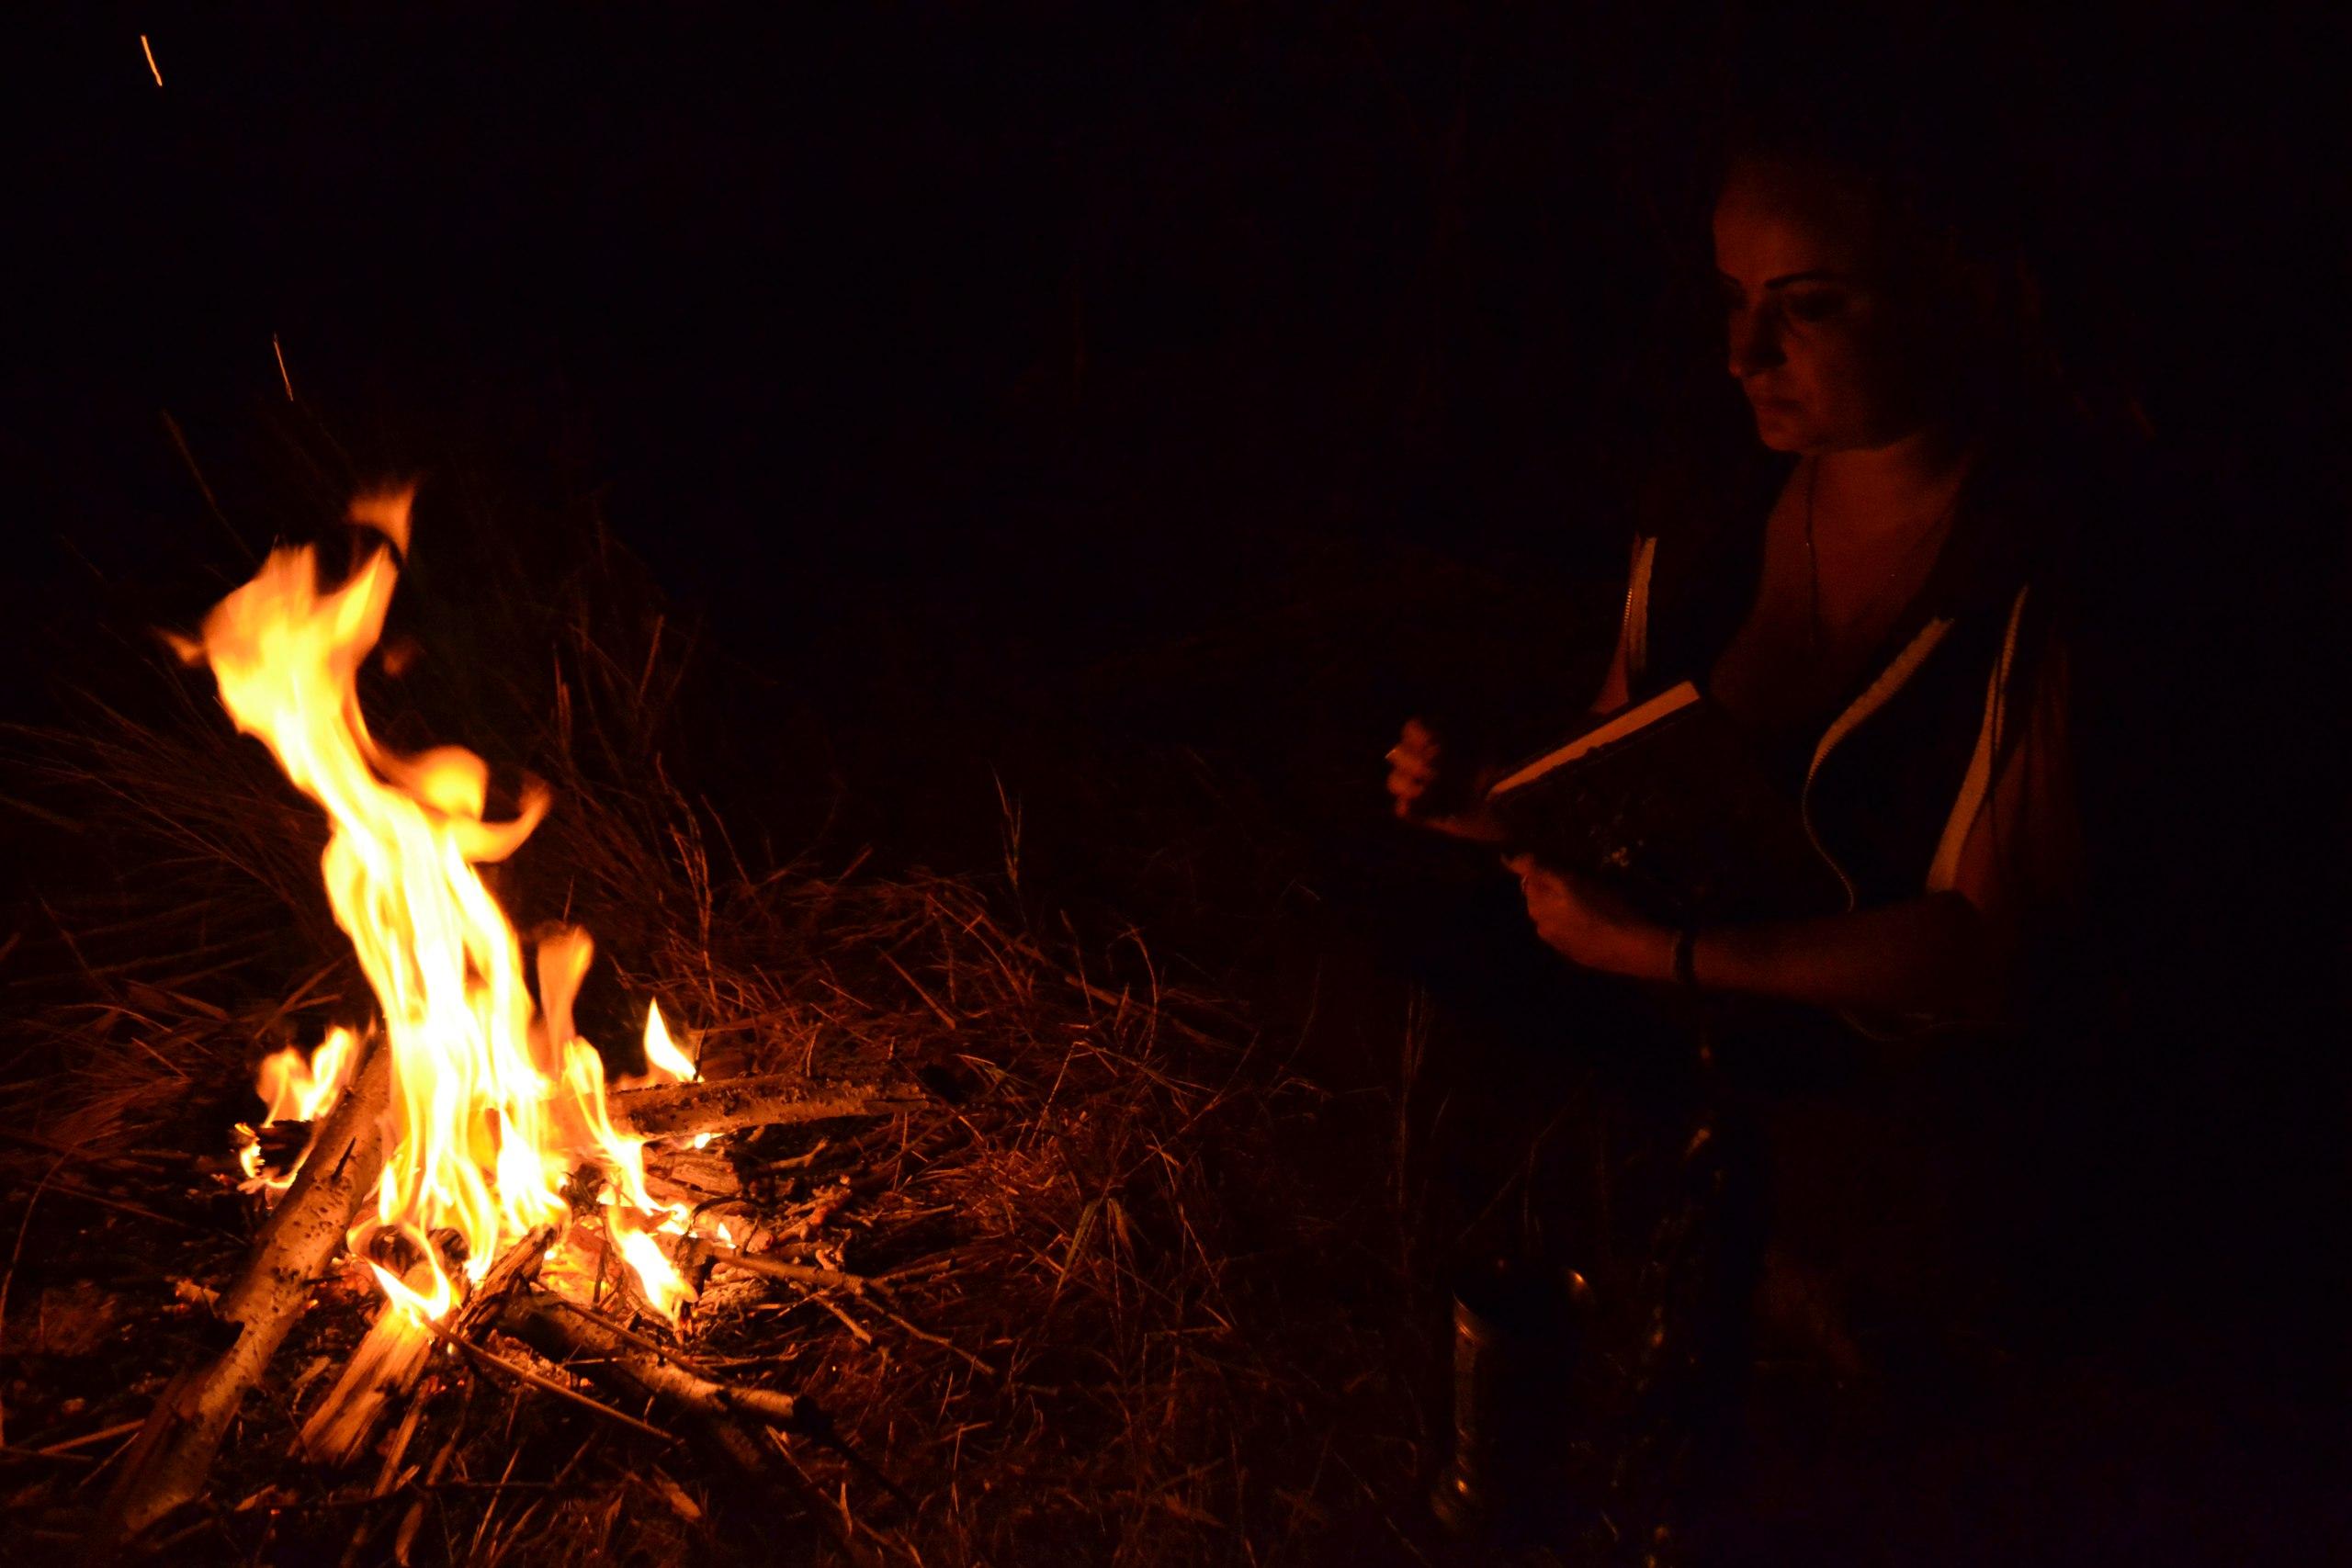 Елена Руденко (Валтея) Украина. Одесса. 17-21 августа 2016 г. - Страница 2 Vrt1WT6e31s